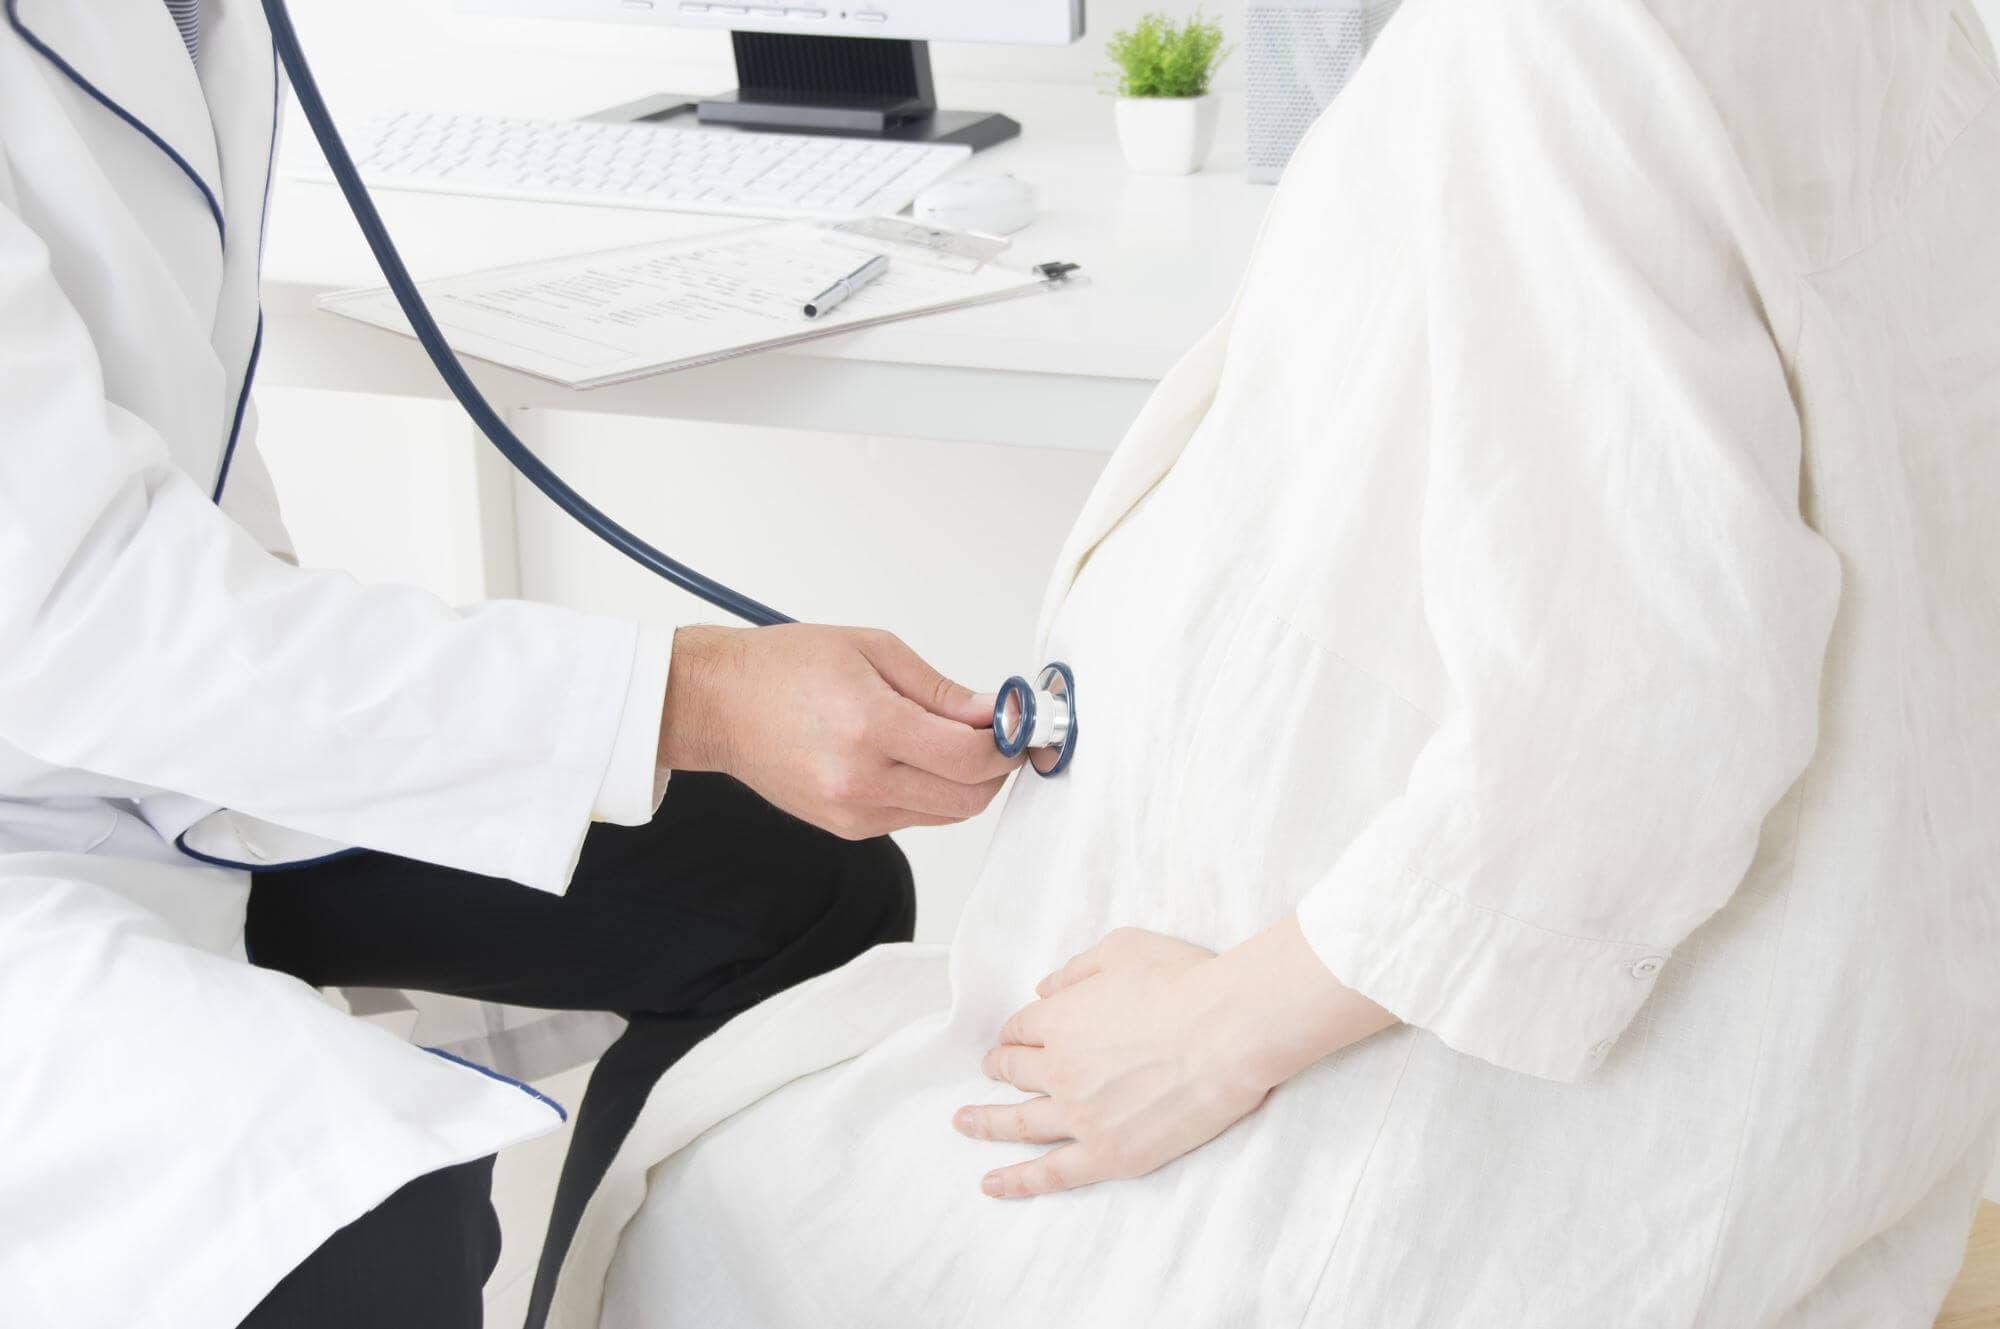 費用はどのぐらい?出生前診断のメリット・デメリット